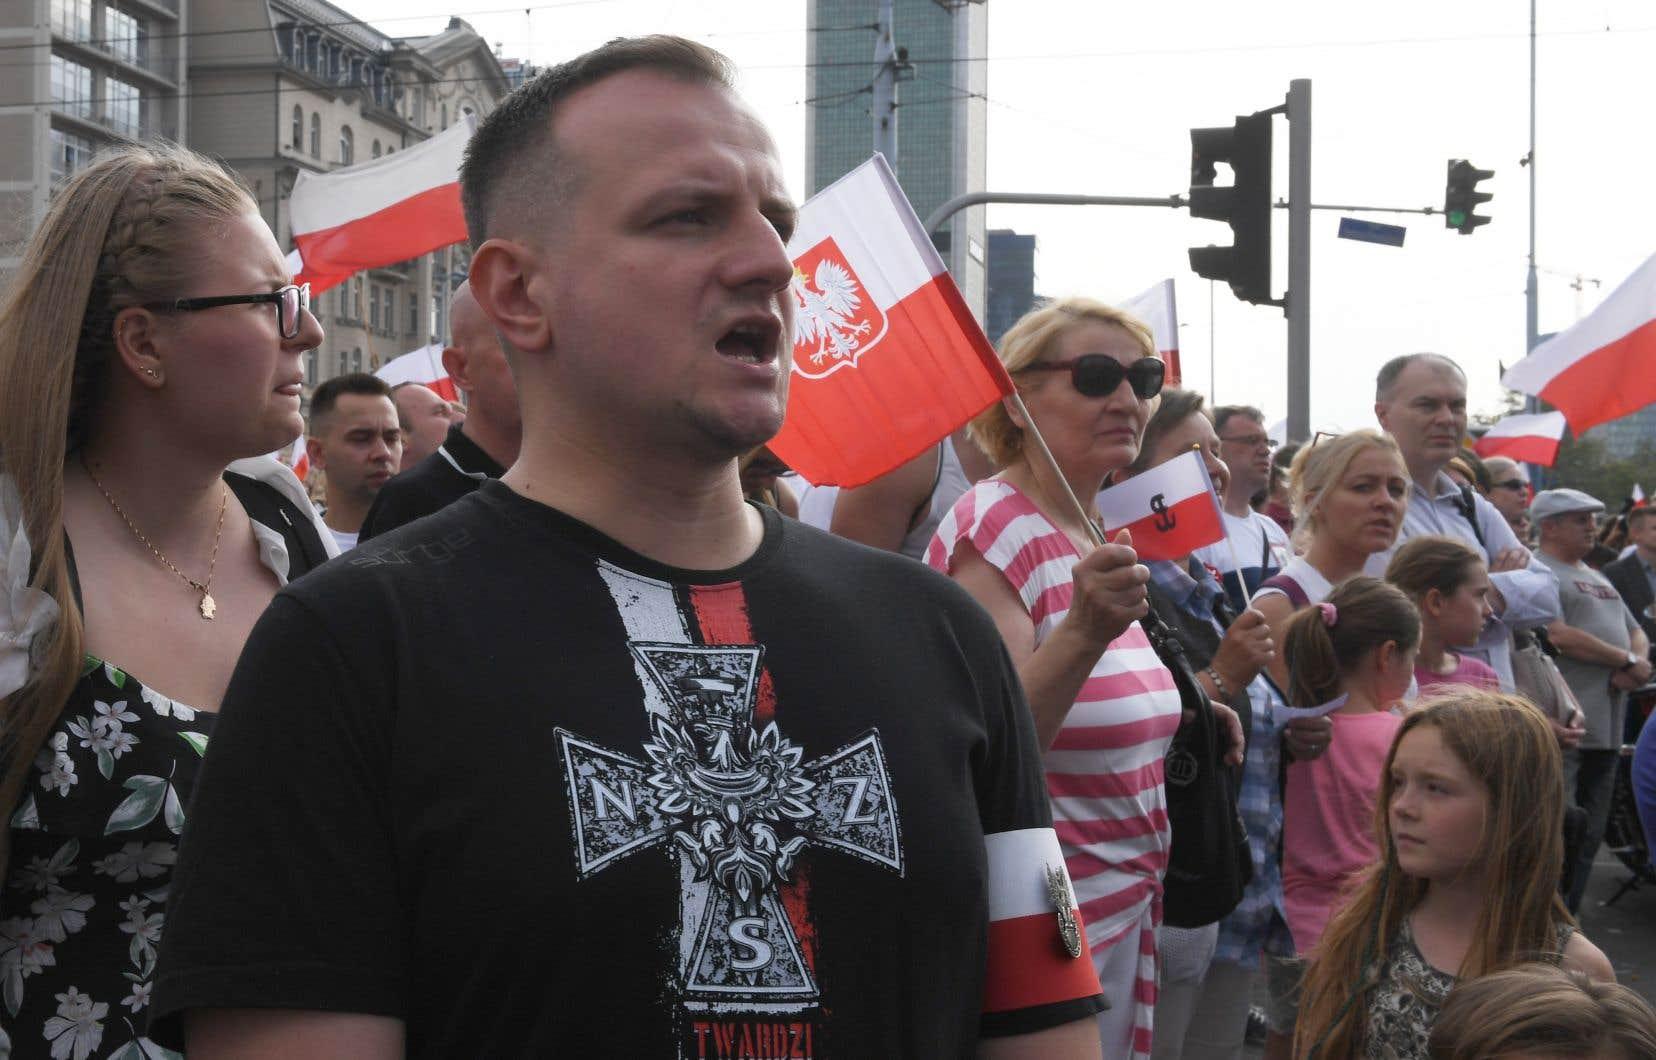 Les Polonais ont observé une minute de silence à l'occasion du 75e anniversaire de l'Insurrection de Varsovie contre l'occupant allemand nazi pendant la Seconde Guerre mondiale.